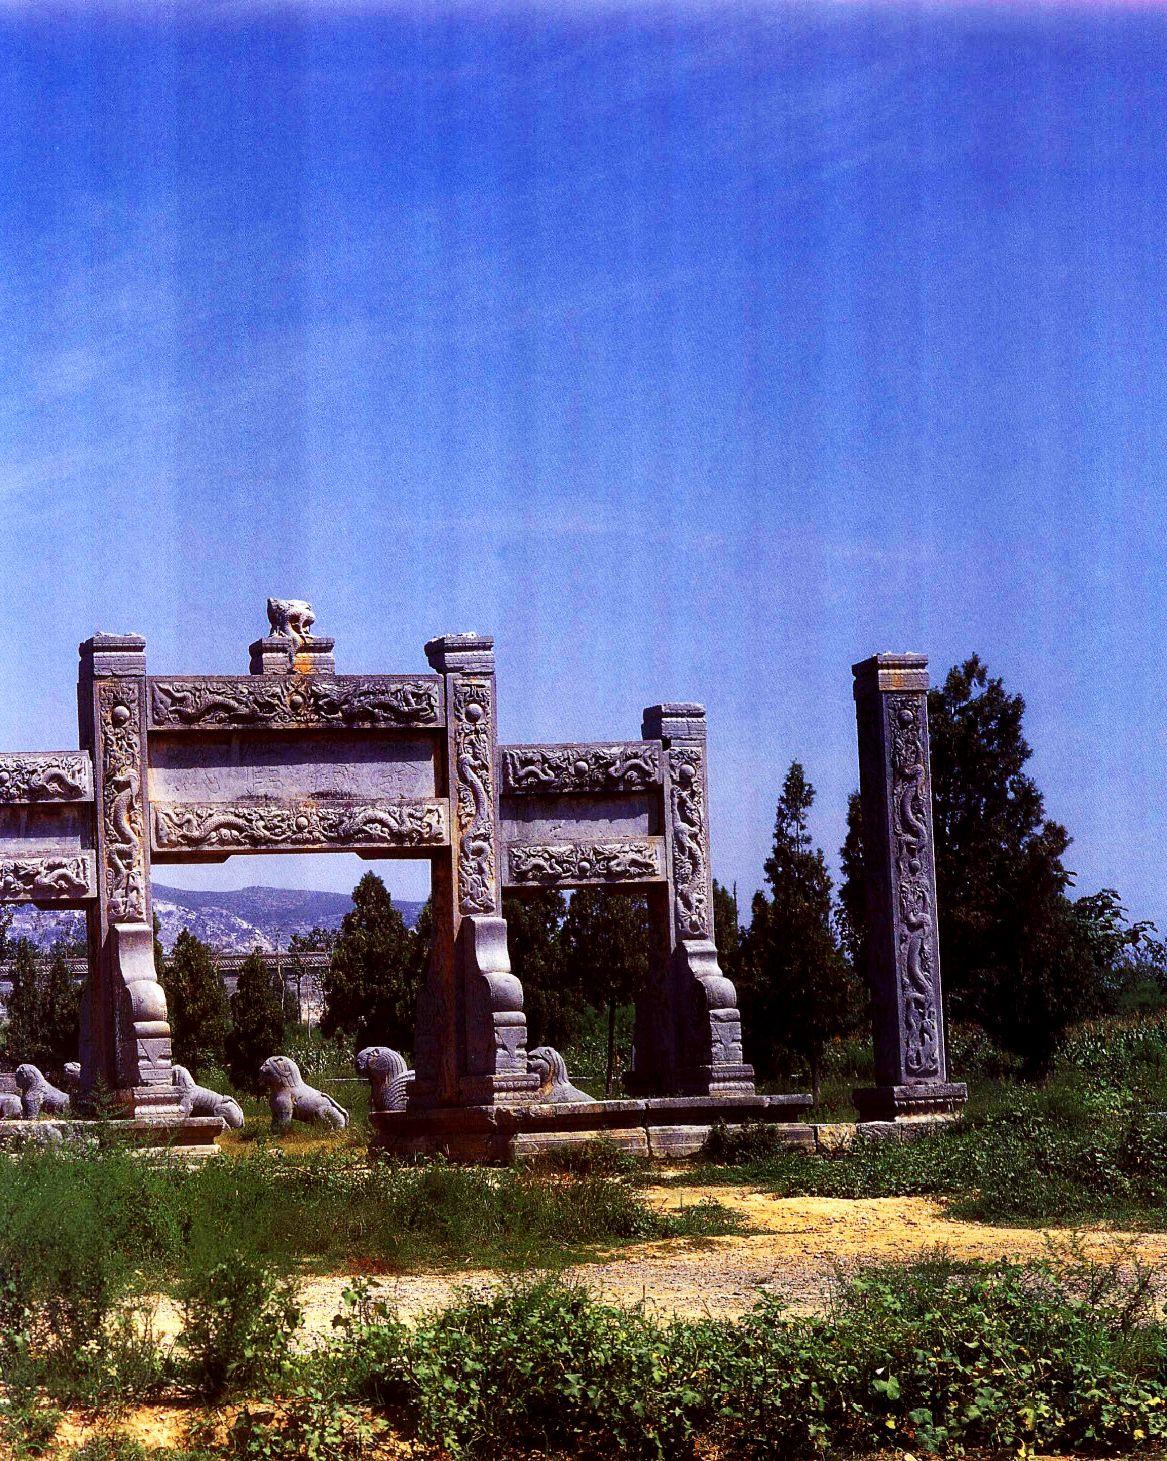 中国建筑艺术,神秘的陵墓文化,潞简王坟神道石像、牌坊